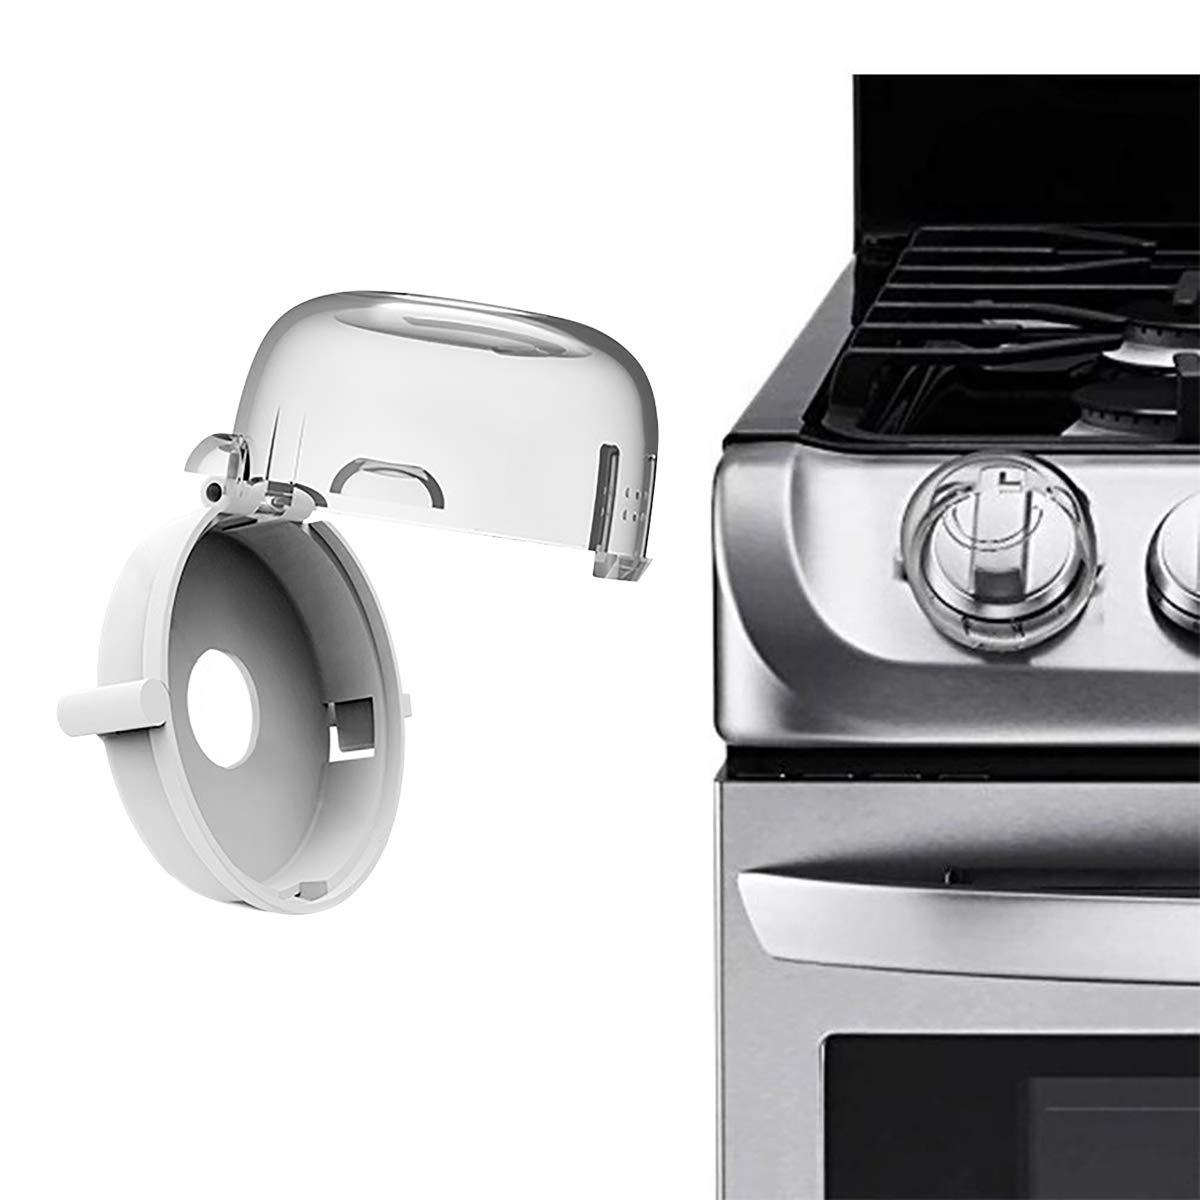 Couvertures de bouton de cuisini/ère Pawaca S/écurit/é b/éb/é Four Po/êle /à gaz Poign/ée Protection Serrures pour b/éb/é Enfant Cuisine Cuisine S/écurit/é